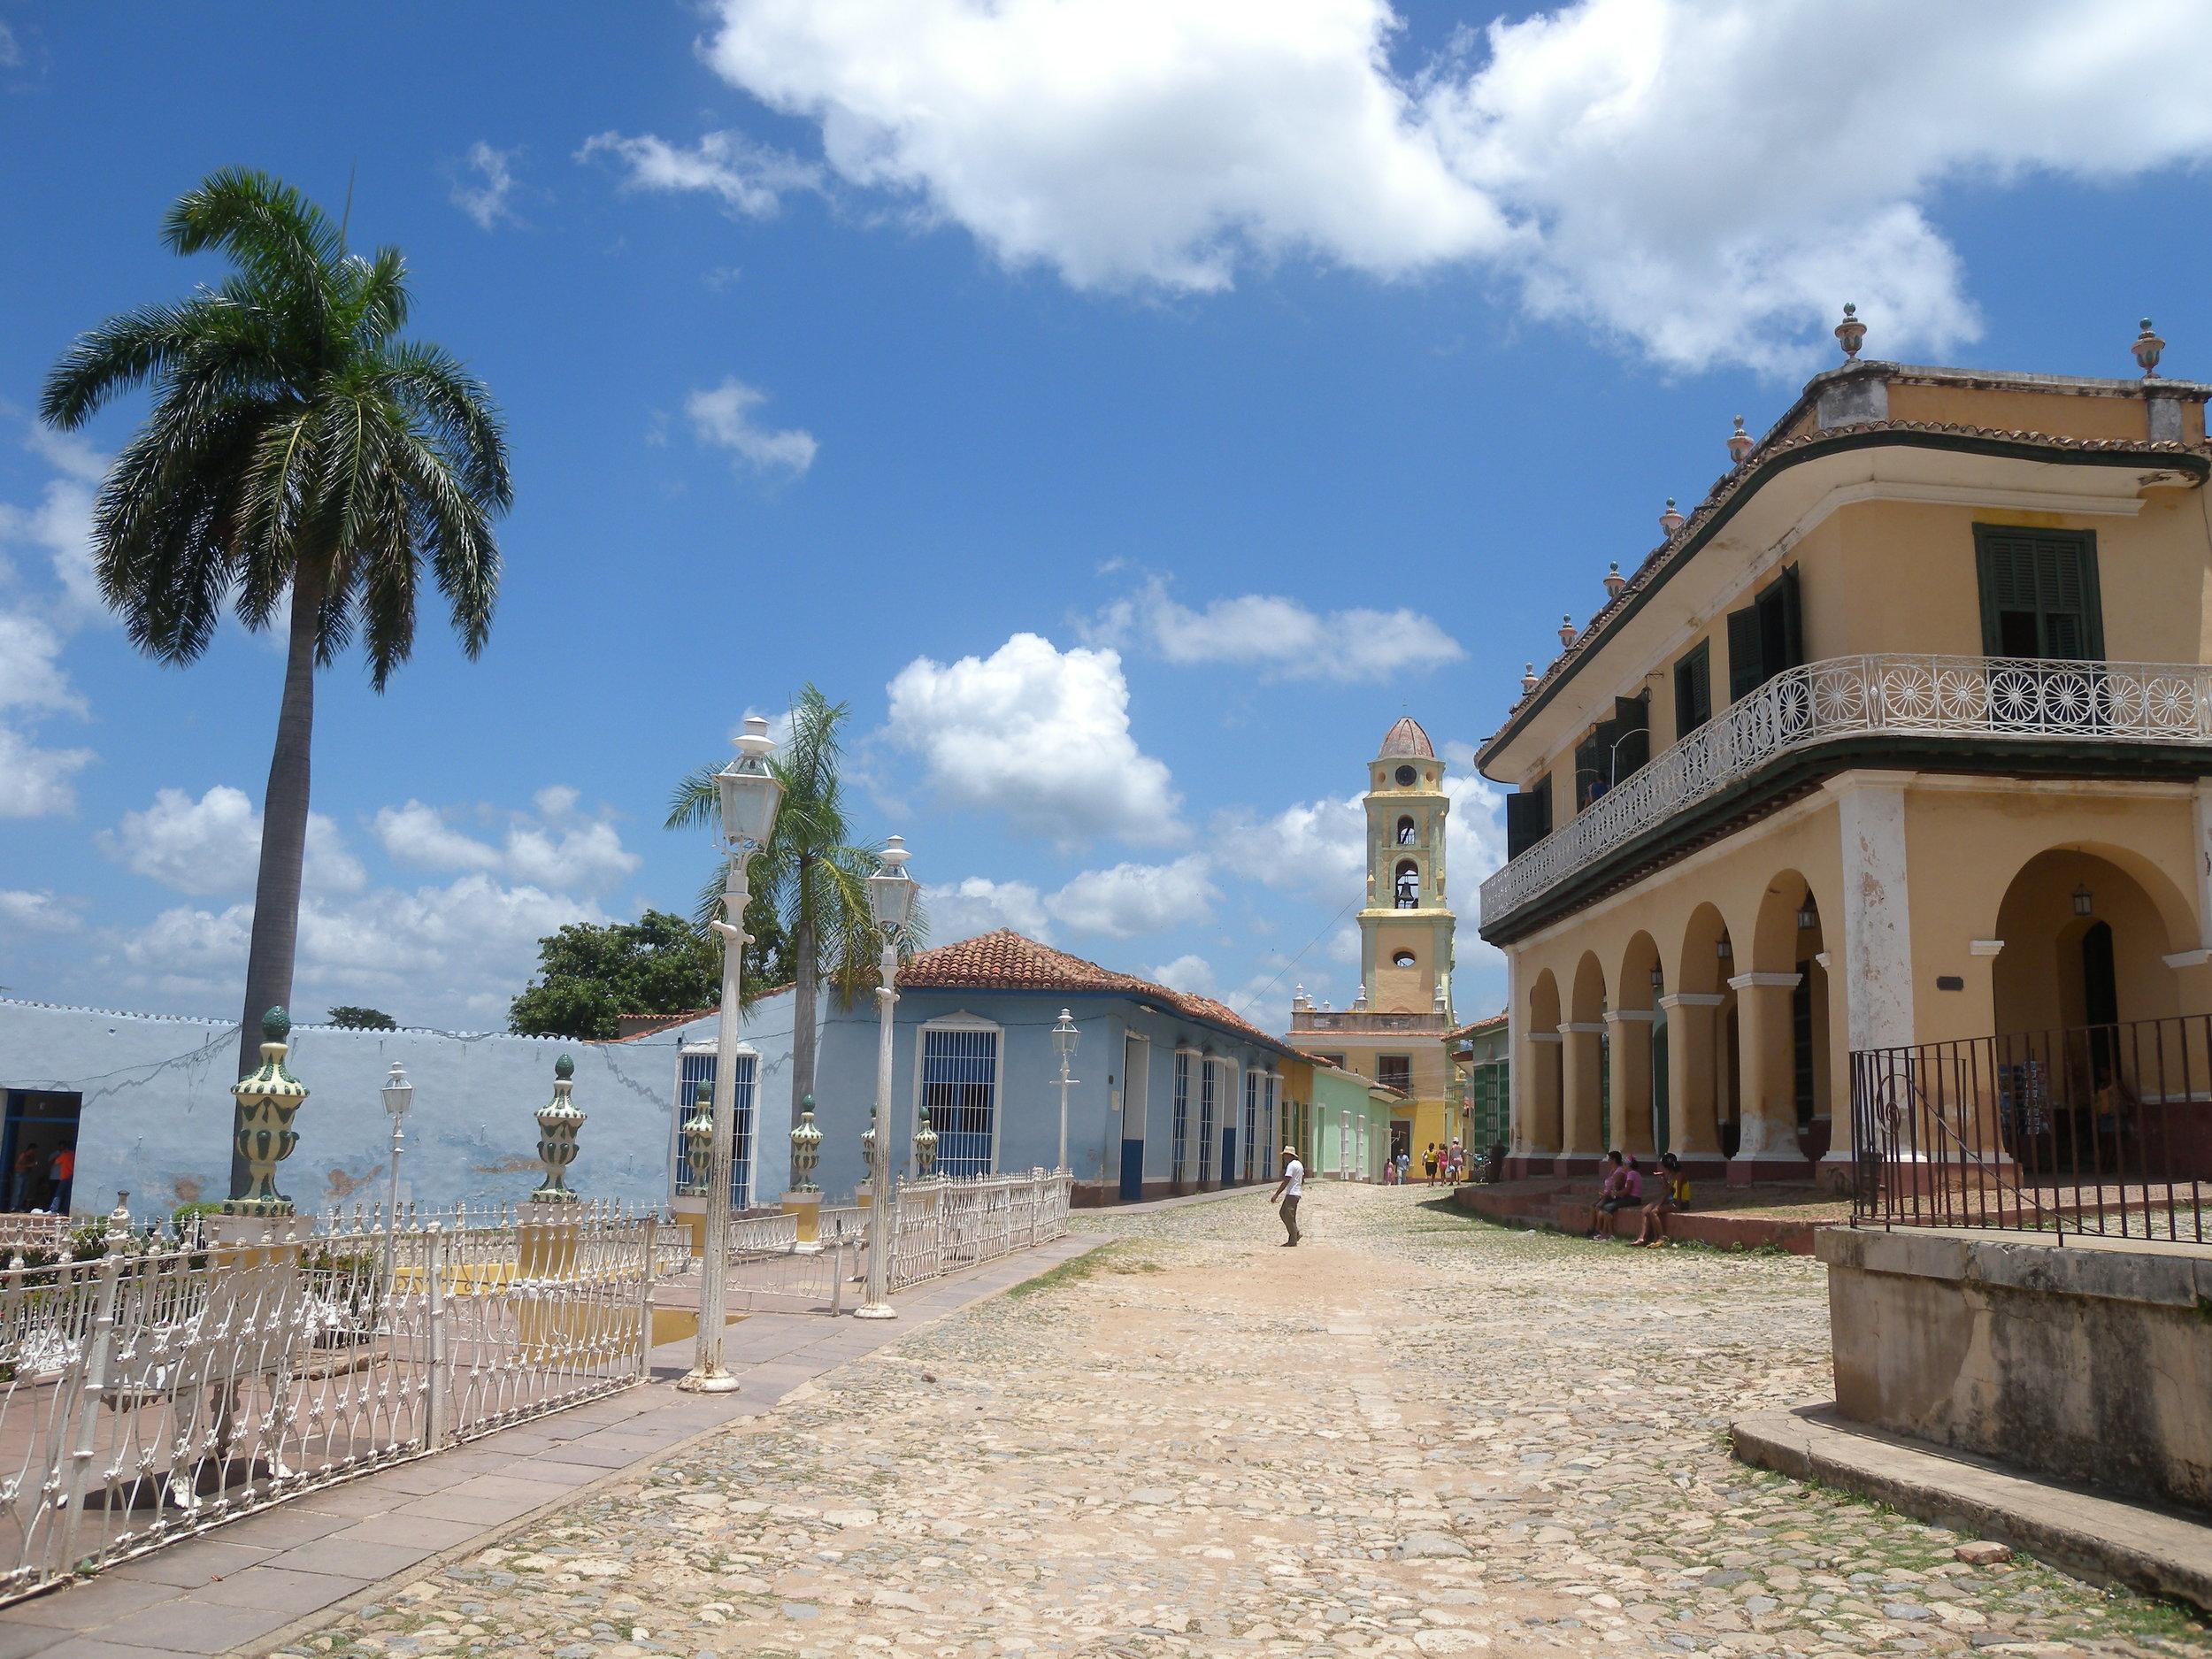 Trinidad, a Cuba. Dopo le persecuzioni del passato, si dimostra sempre più aperta verso il mondo LGBTQ